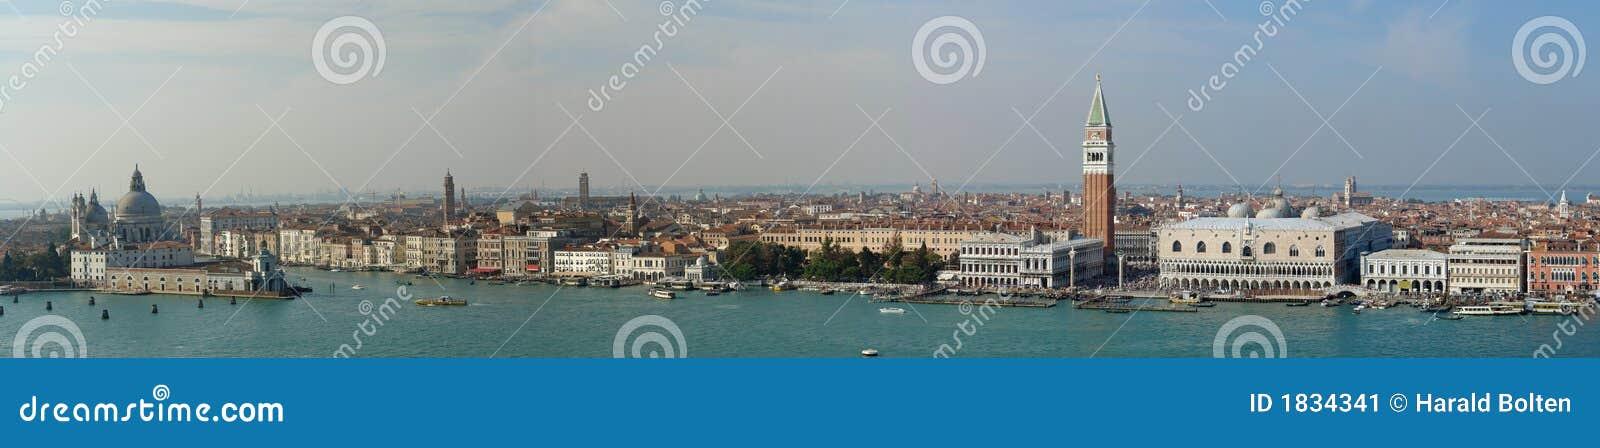 Panorama w Wenecji